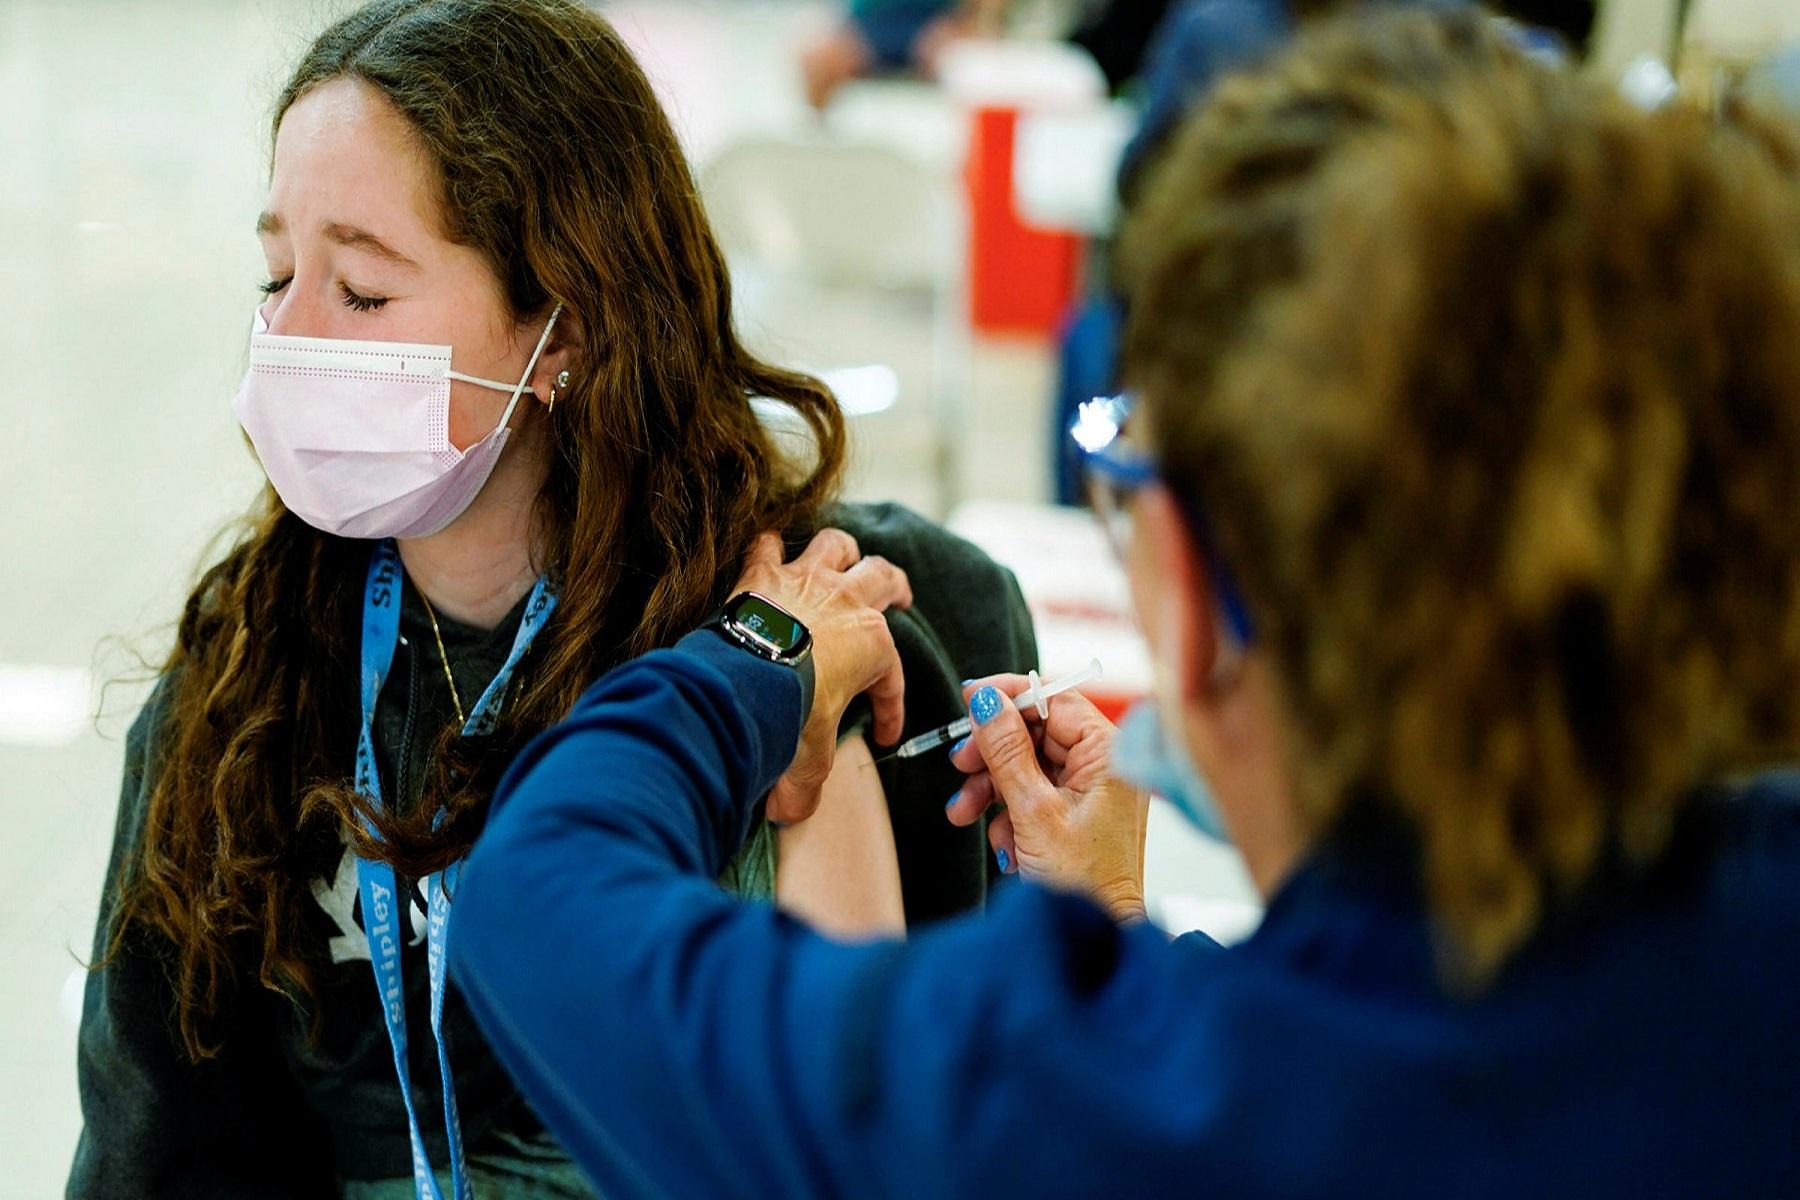 ΗΠΑ CDC: Οι νεότεροι ενήλικες ισχυρίζονται τη χαμηλότερη πρόσληψη εμβολιασμού COVID-19